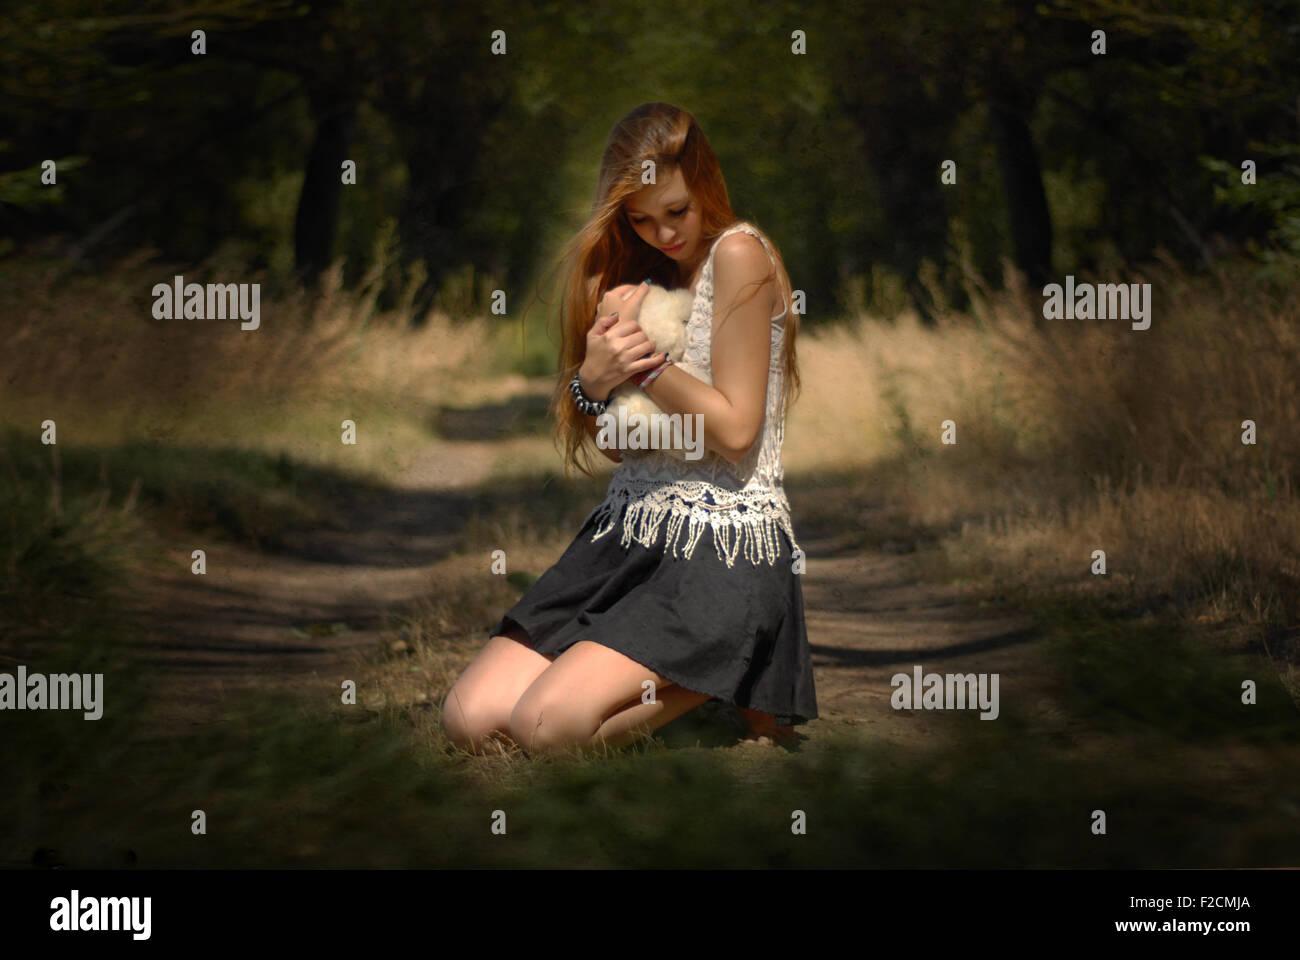 Verlorene Seele und Unschuld - Mädchen umarmt Teddybär im Wald weinendes Mädchen im Wald mit Teddy Stockbild